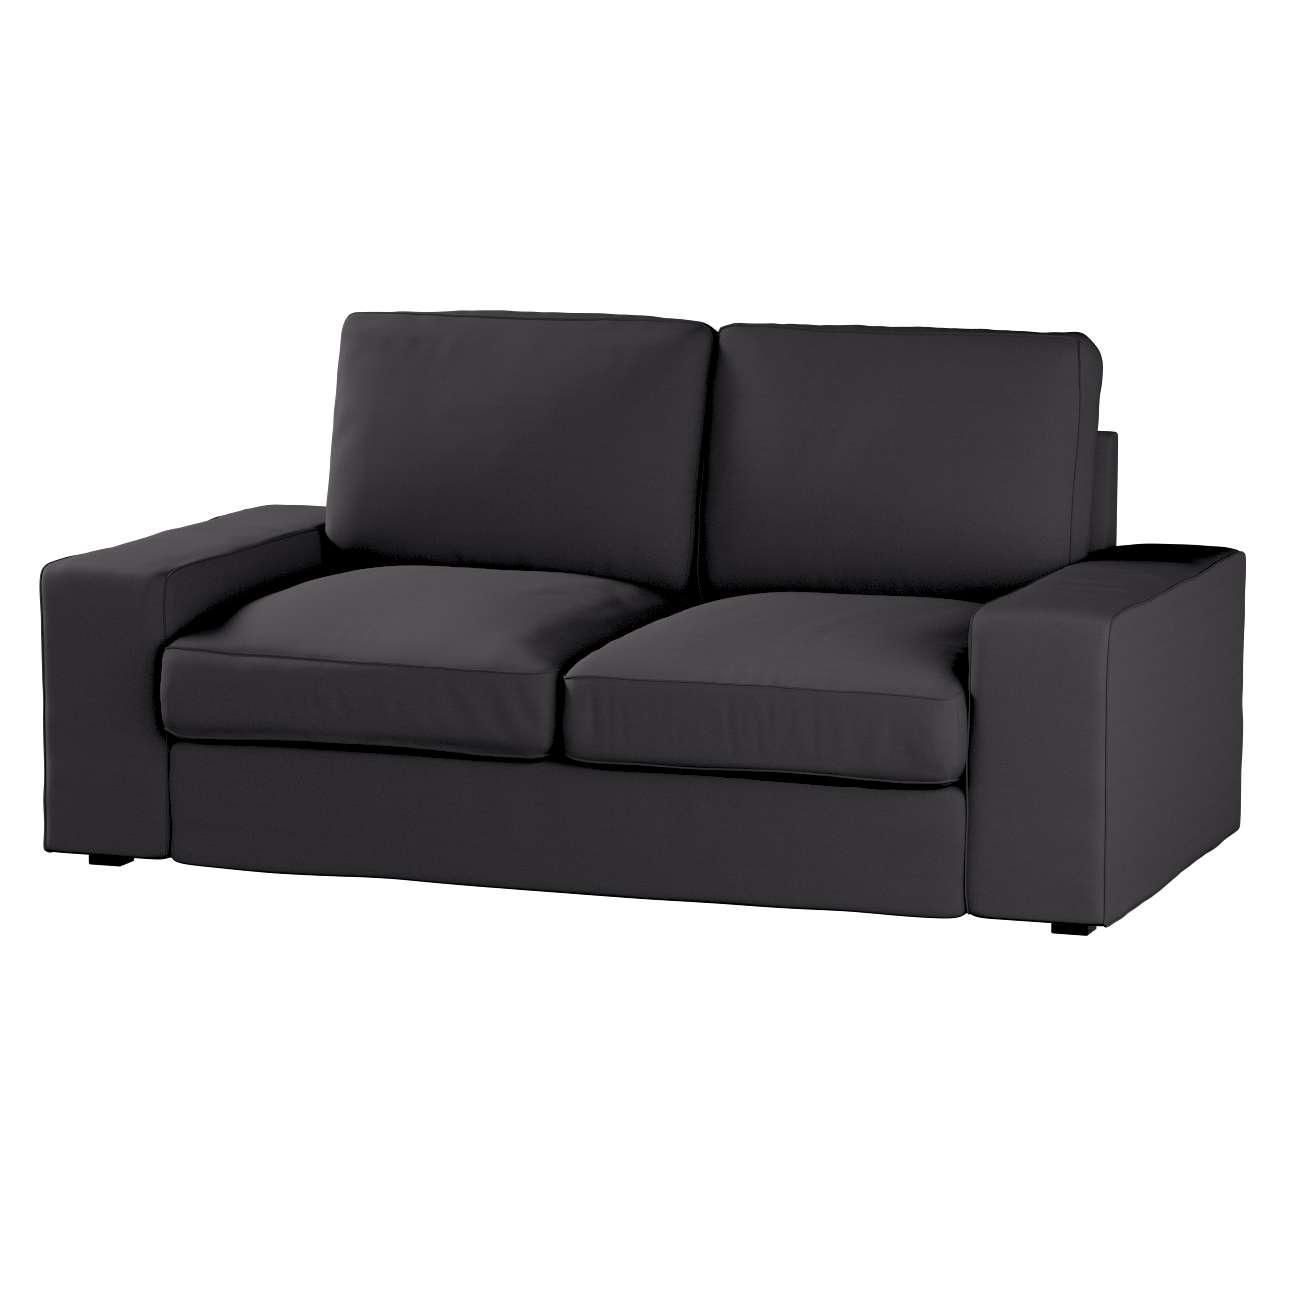 Pokrowiec na sofę Kivik 2-osobową, nierozkładaną Sofa Kivik 2-osobowa w kolekcji Cotton Panama, tkanina: 702-08